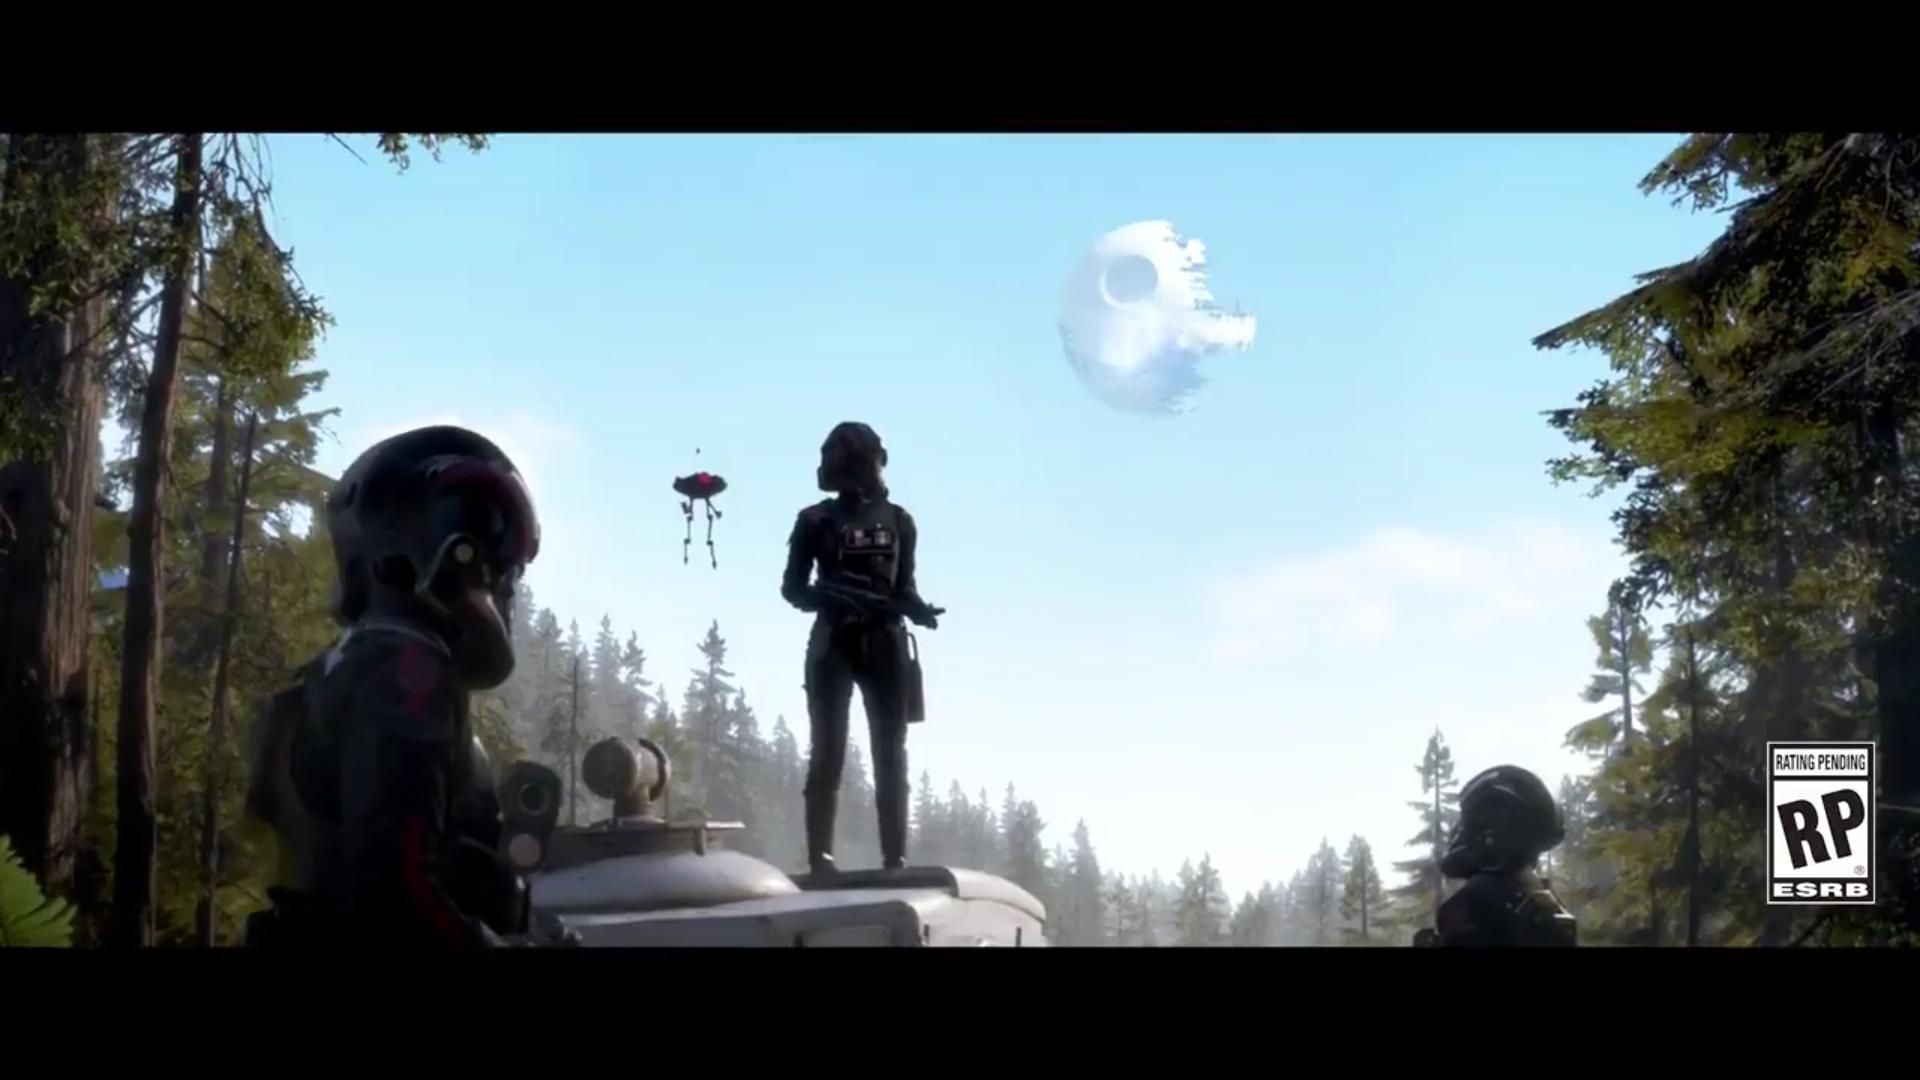 Star Wars Battlefront II Teaser Leaks Online Early 24